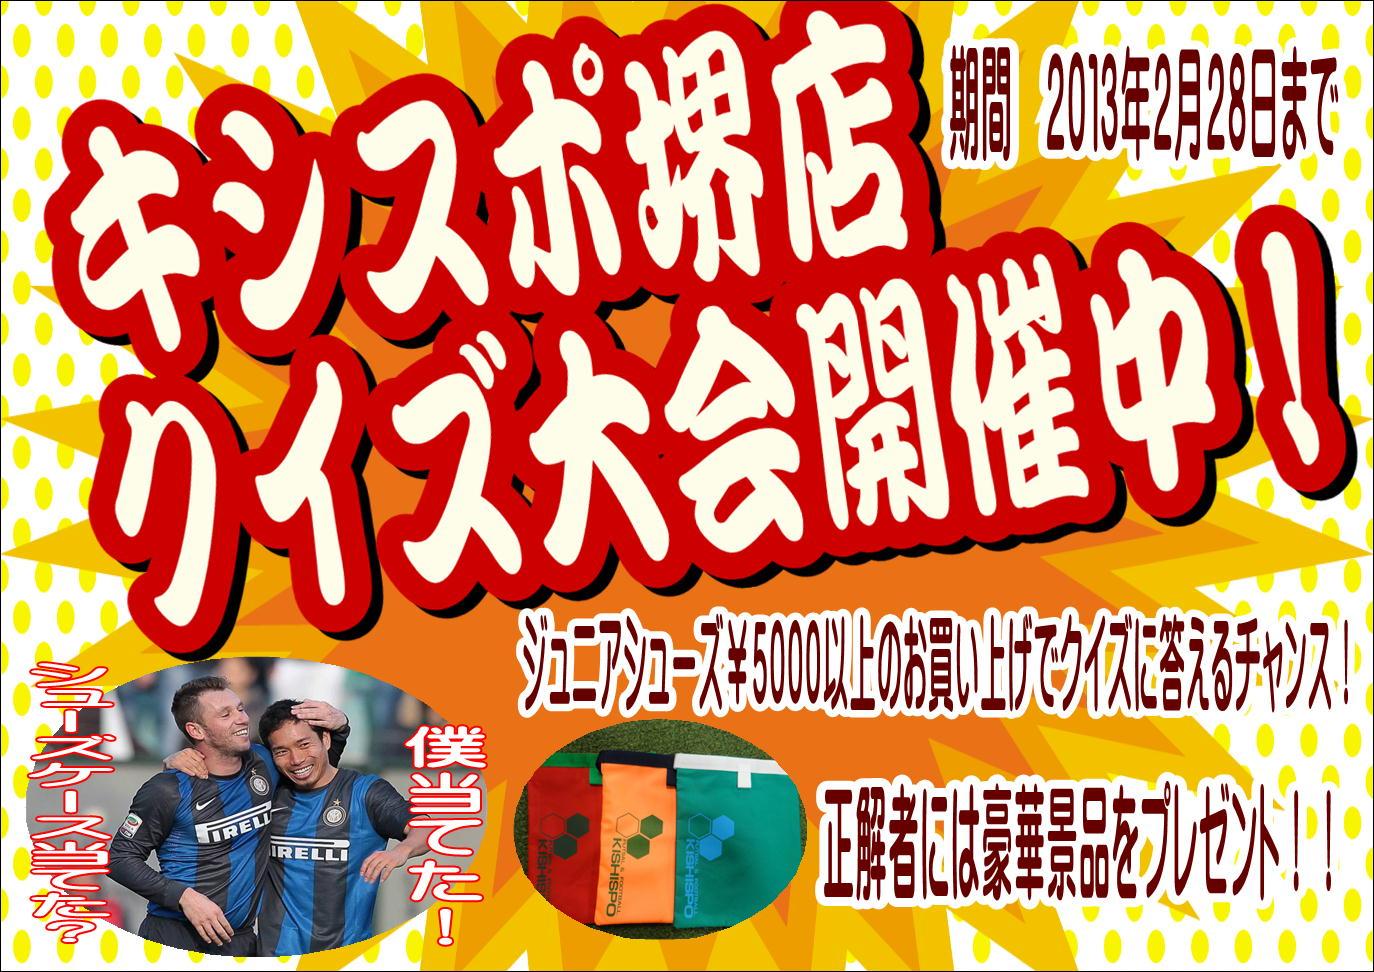 2月28日まで堺店限定イベント!!_e0157573_12195893.jpg